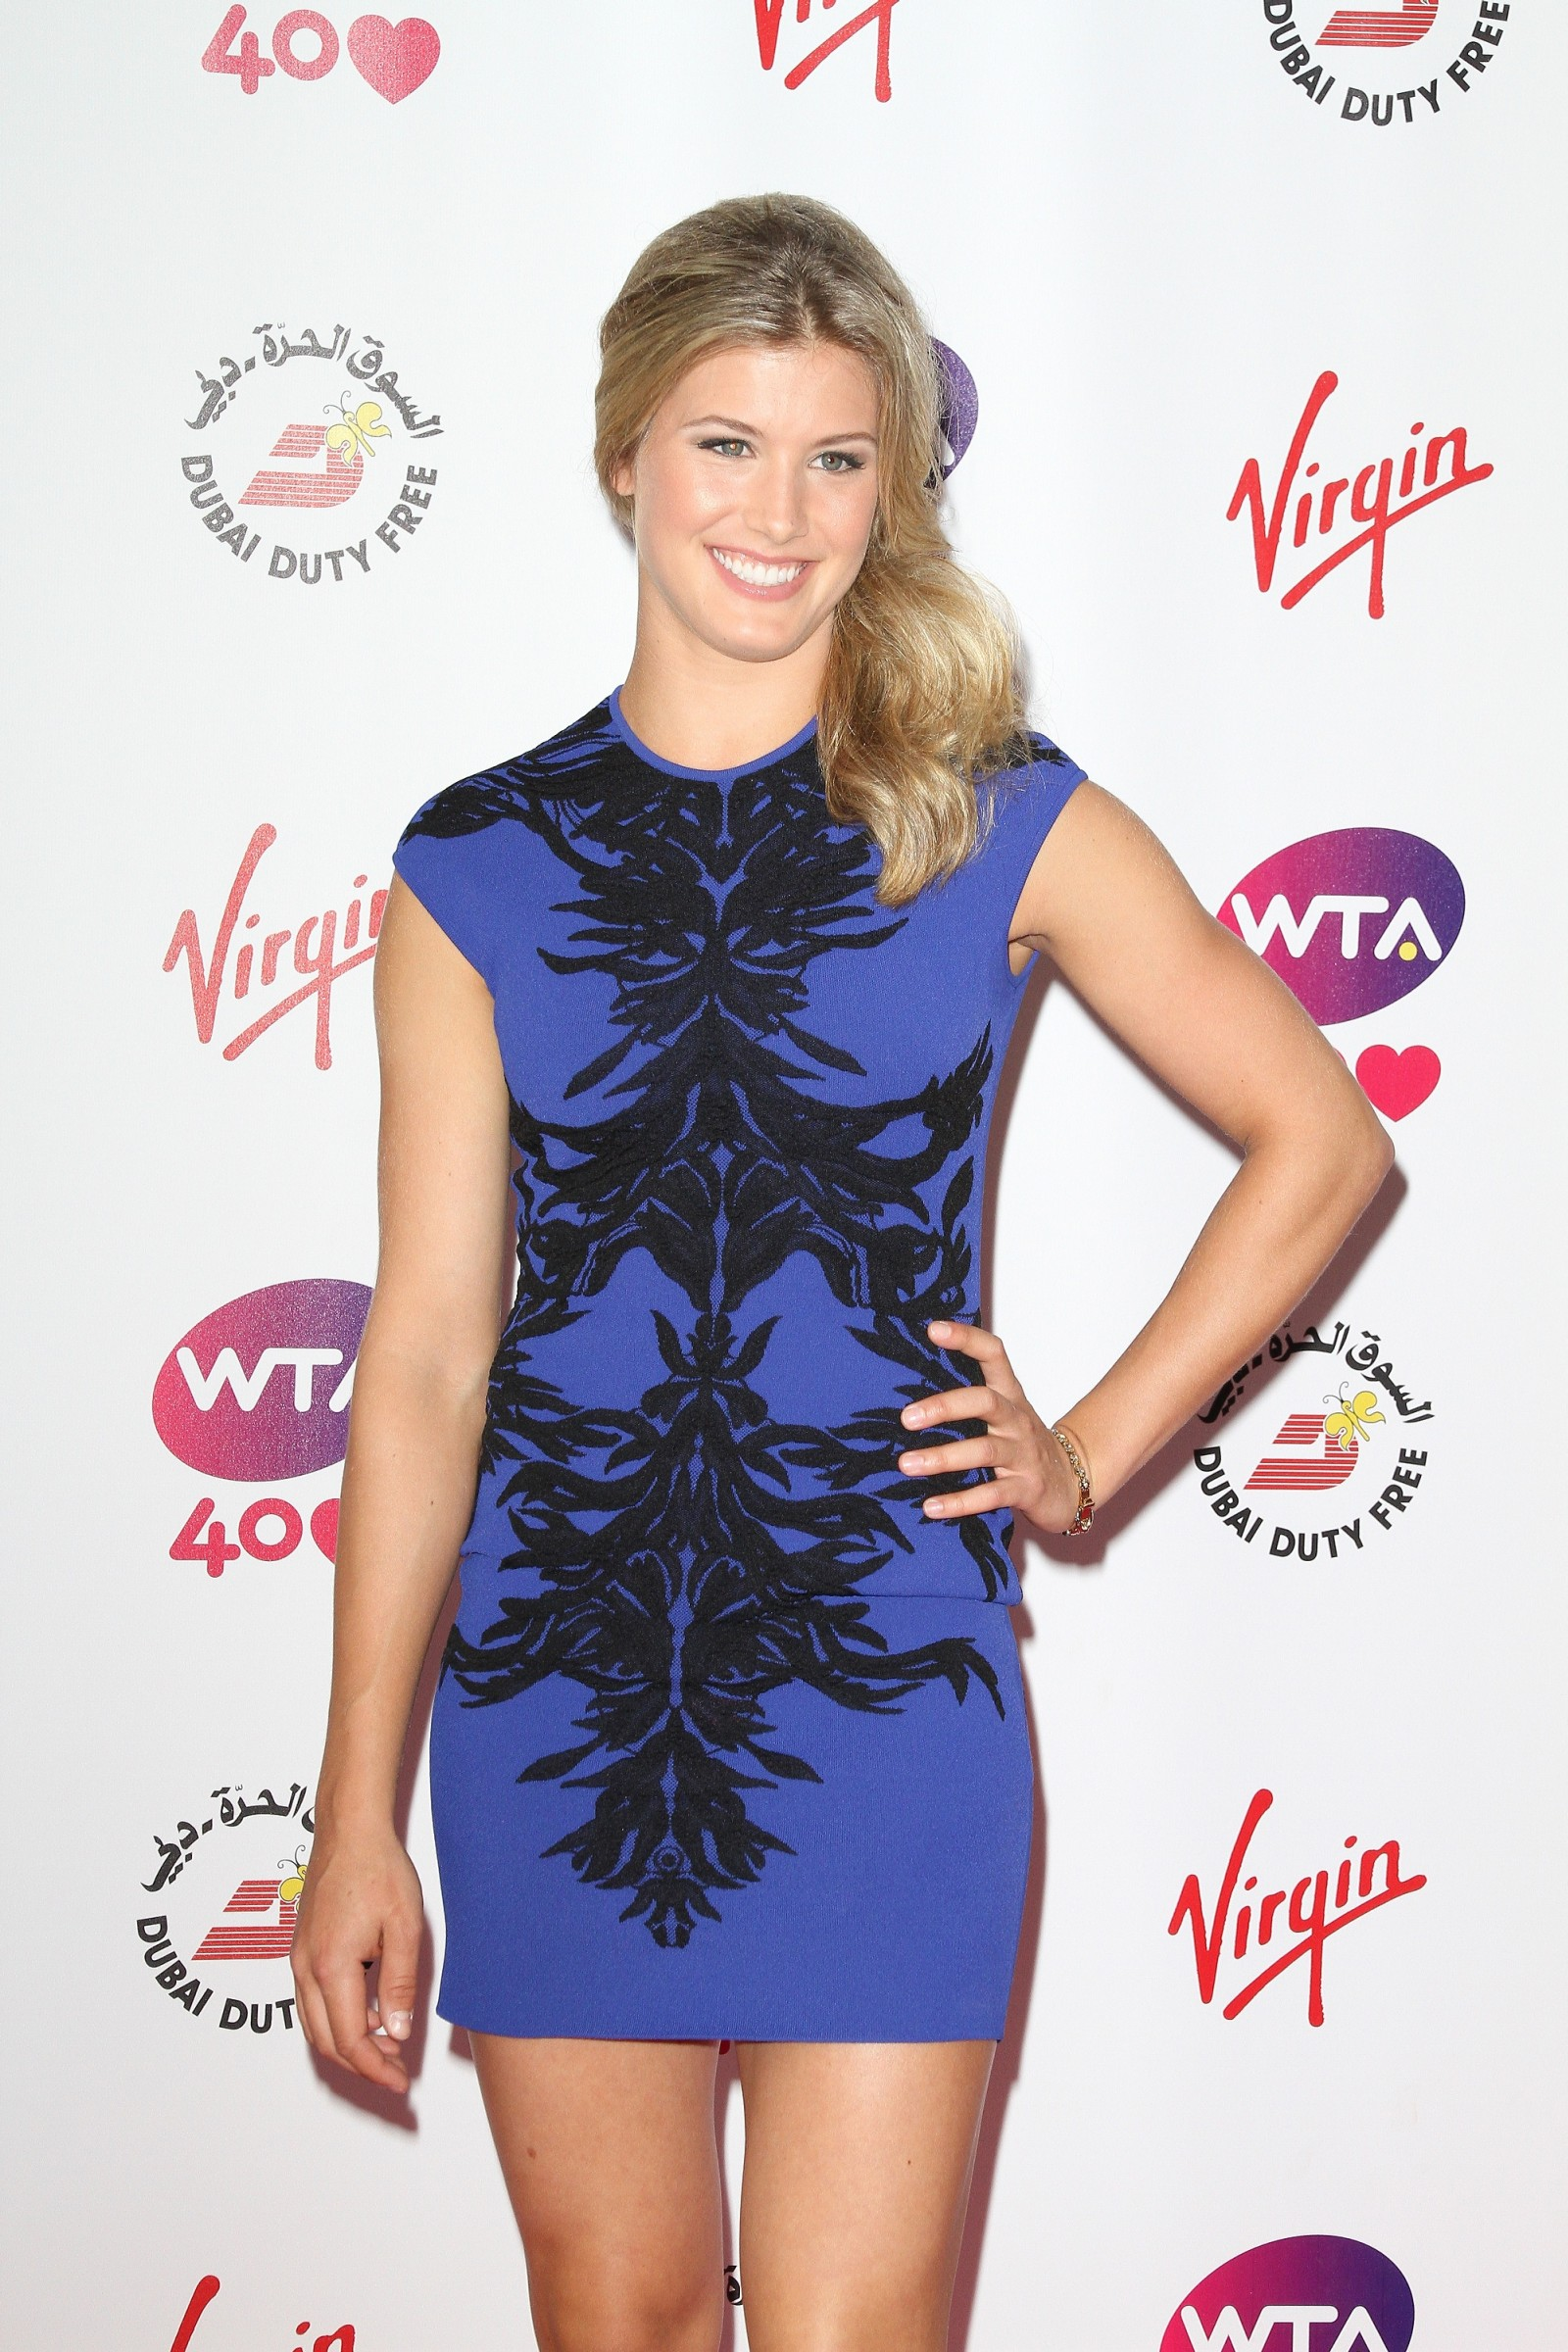 Cele mai frumoase sportive din lume. LOCUL 5: Eugenie Bouchard (24 de ani, Canada, tenis) | FOTO și VIDEO